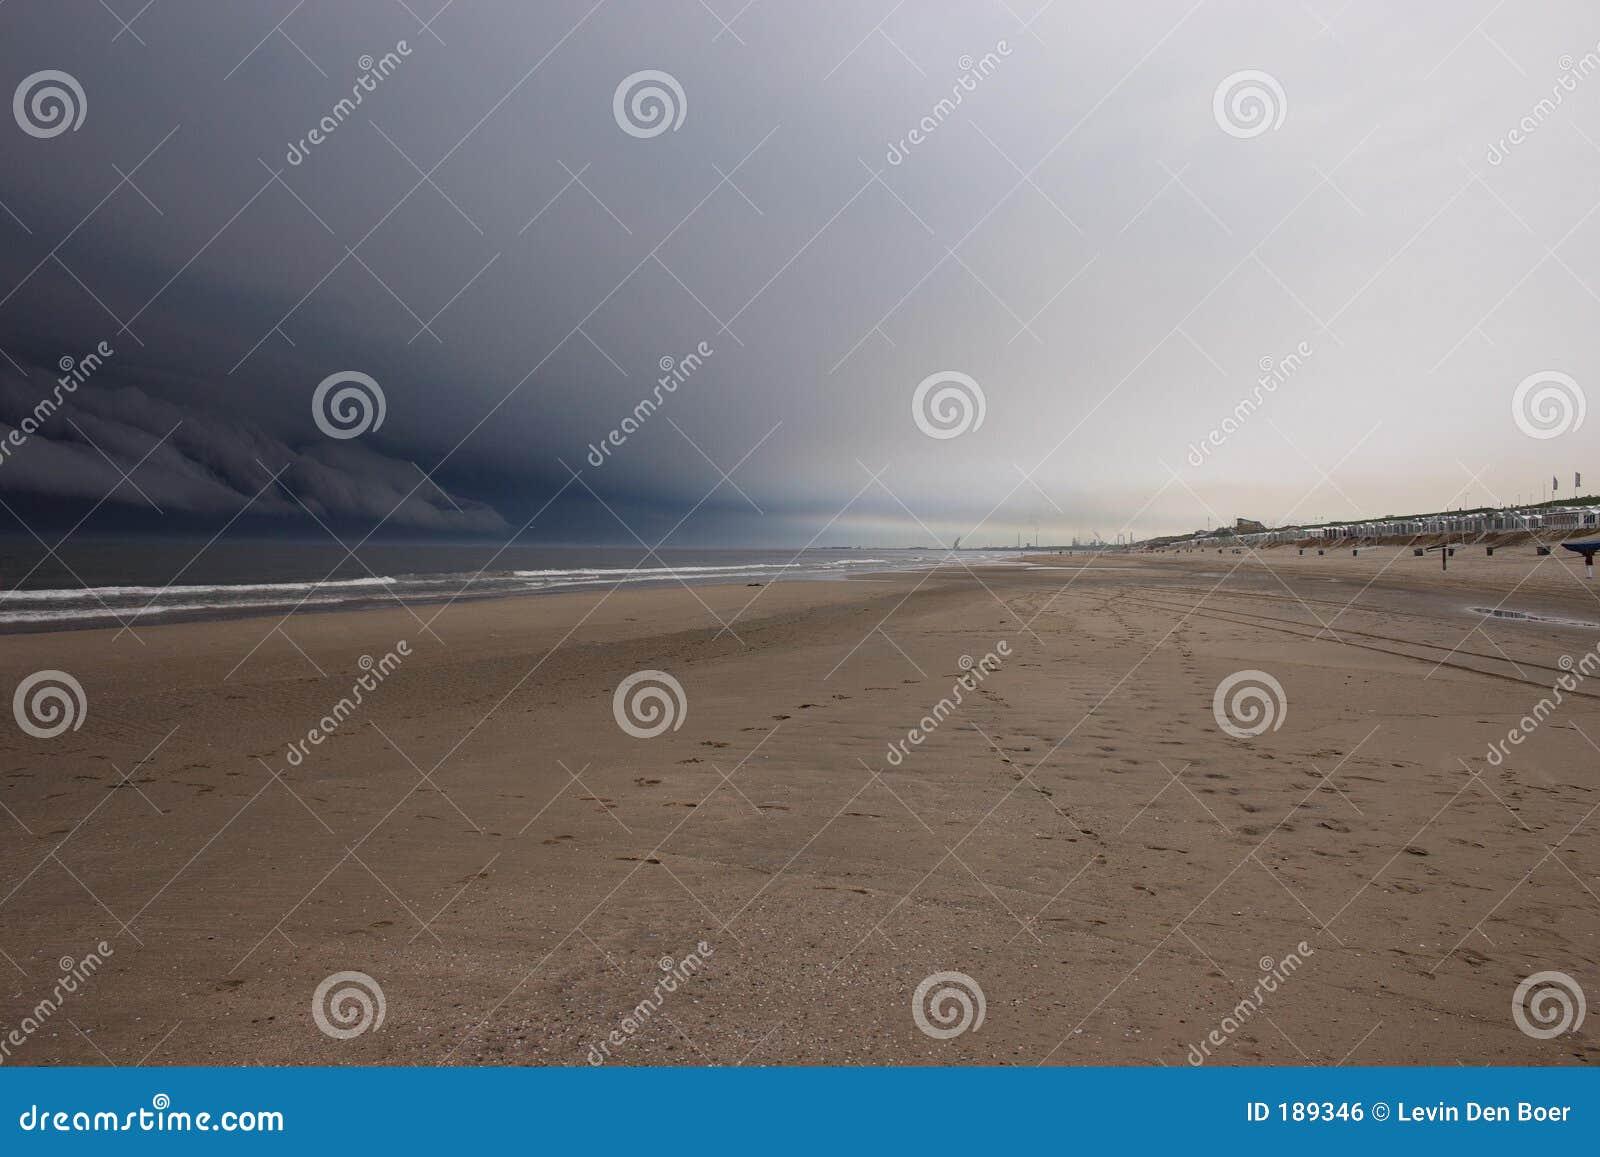 Zandvoort_005